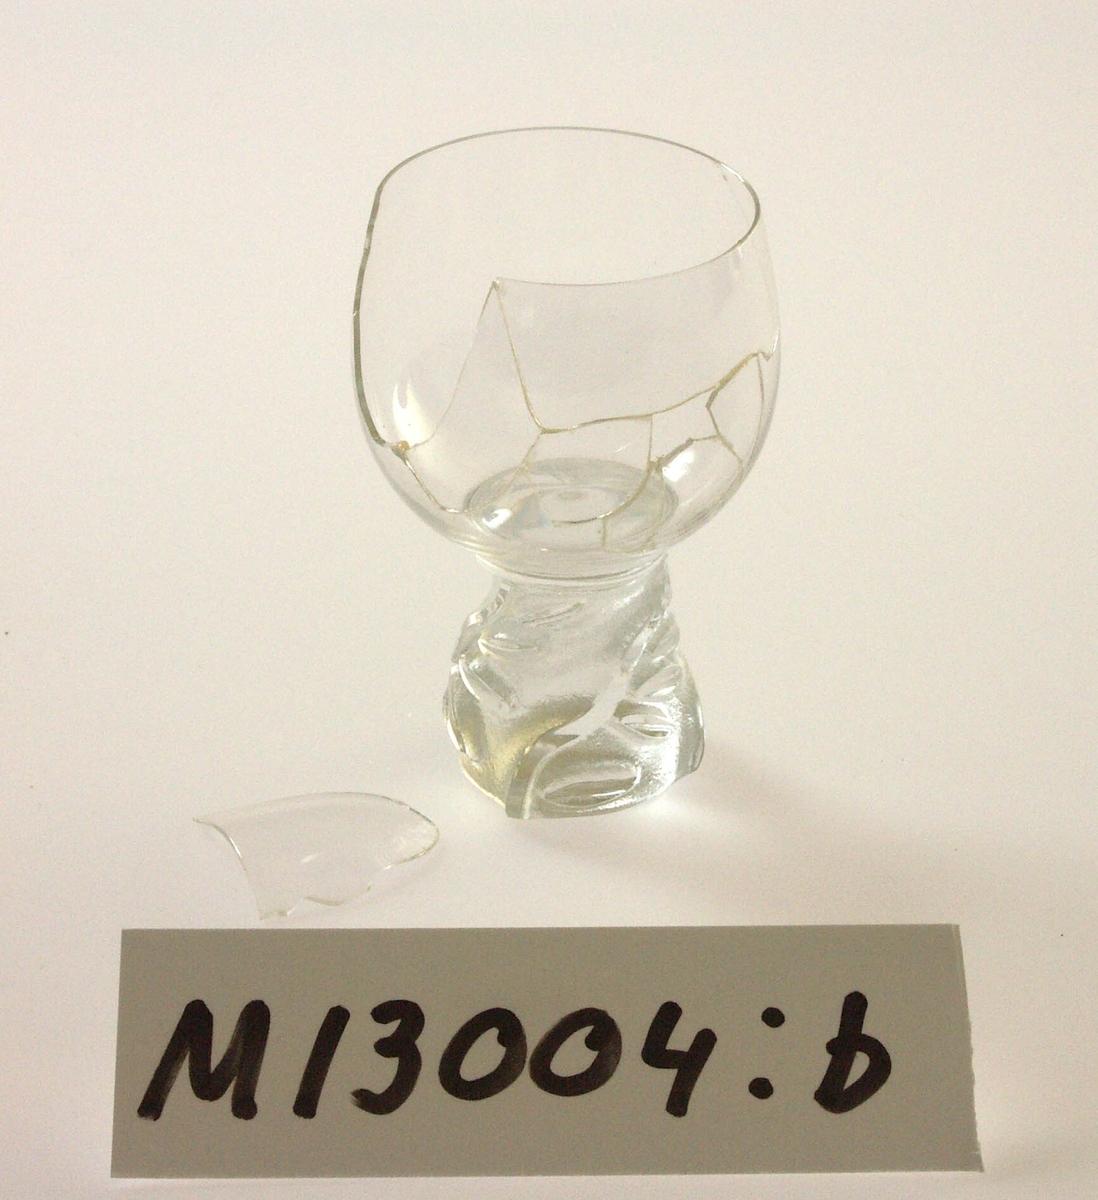 """Starkvinsglas tillhörande servis """"Skawonius 40"""".  Formgivet av Sven-Erik Skawonius. Konformig, tjock fot direkt på kuppan. Foten sandblästrad med utsparade, slipade partier i relief. Mönster av stilierade bladslingor. Ofärgat klarglas, foten delvis ogenomskinlig. Ovan angivna mått avser övre diameter. Fotdiameter: 37 mm. Inskrivet i huvudkatalogen 1943. Funktion: Starkvinsglas"""